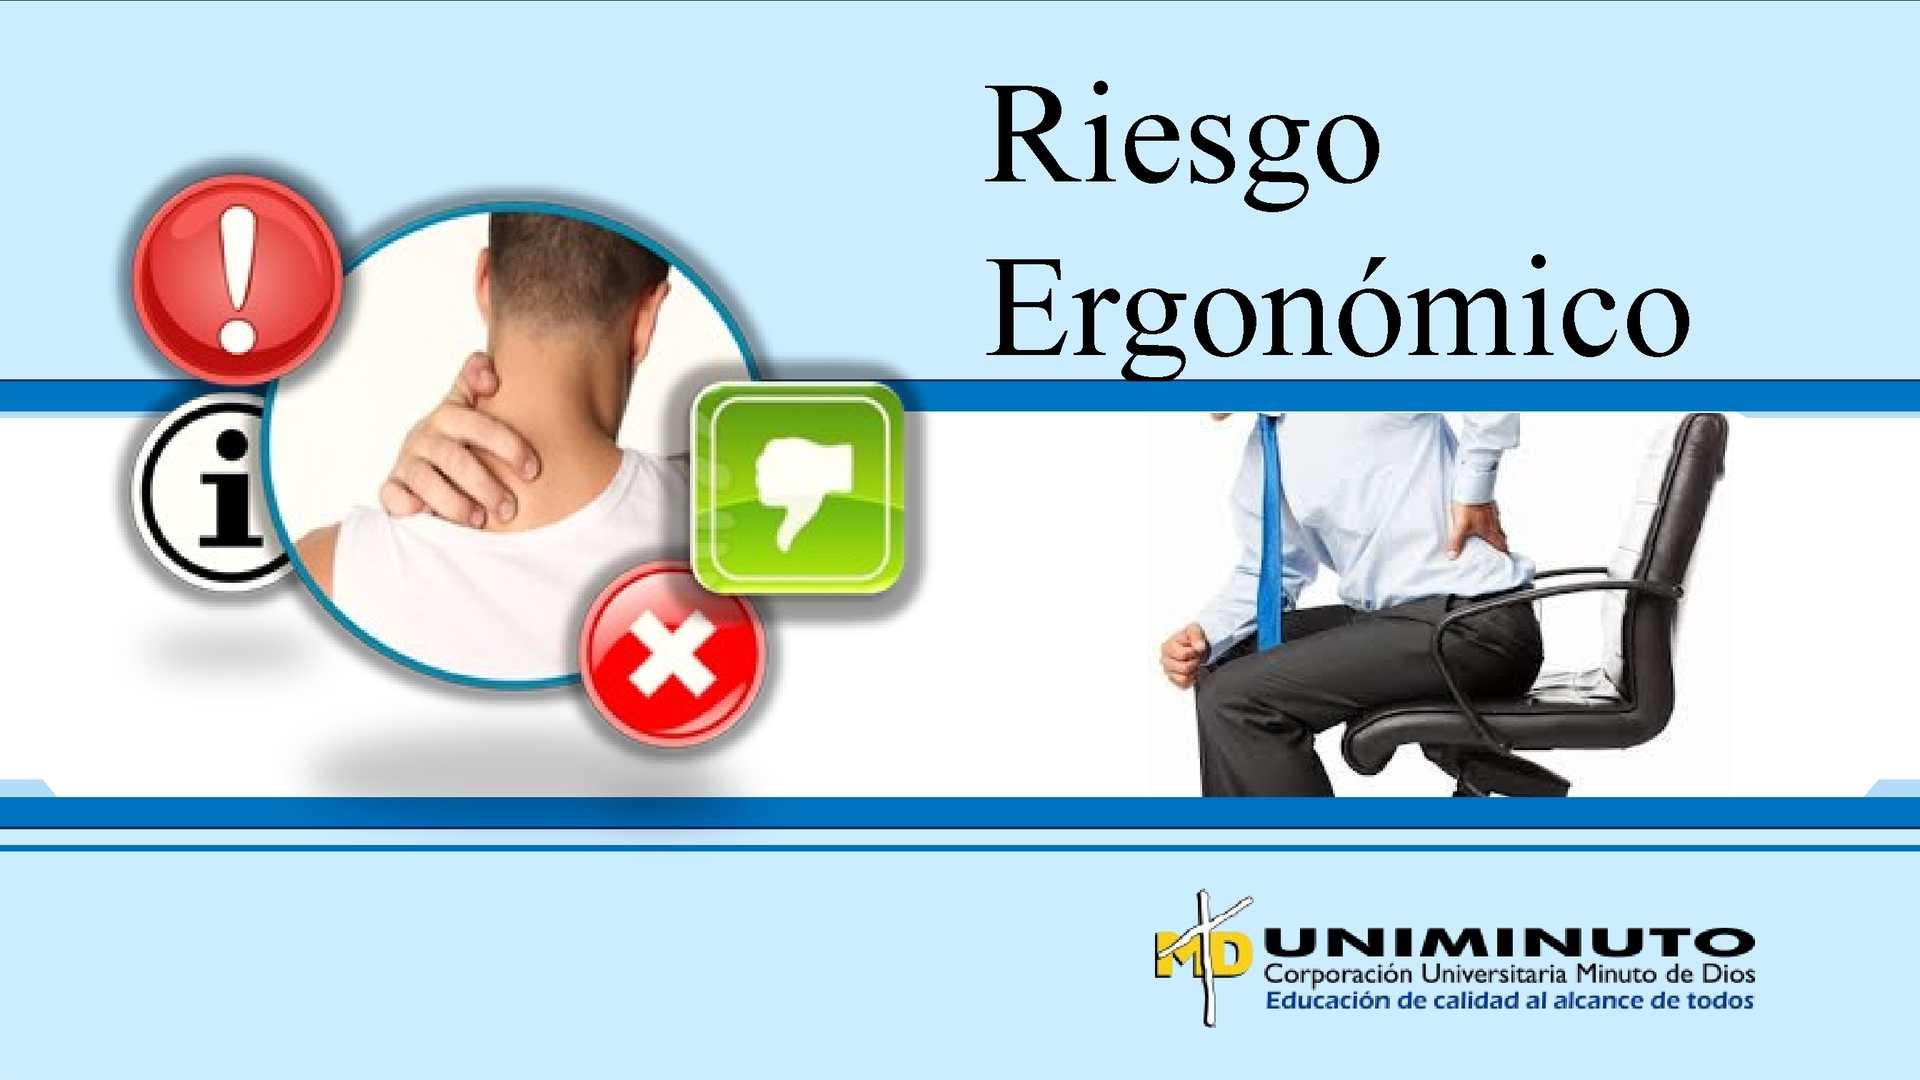 Riesgo ergonómico. Zulay Arias